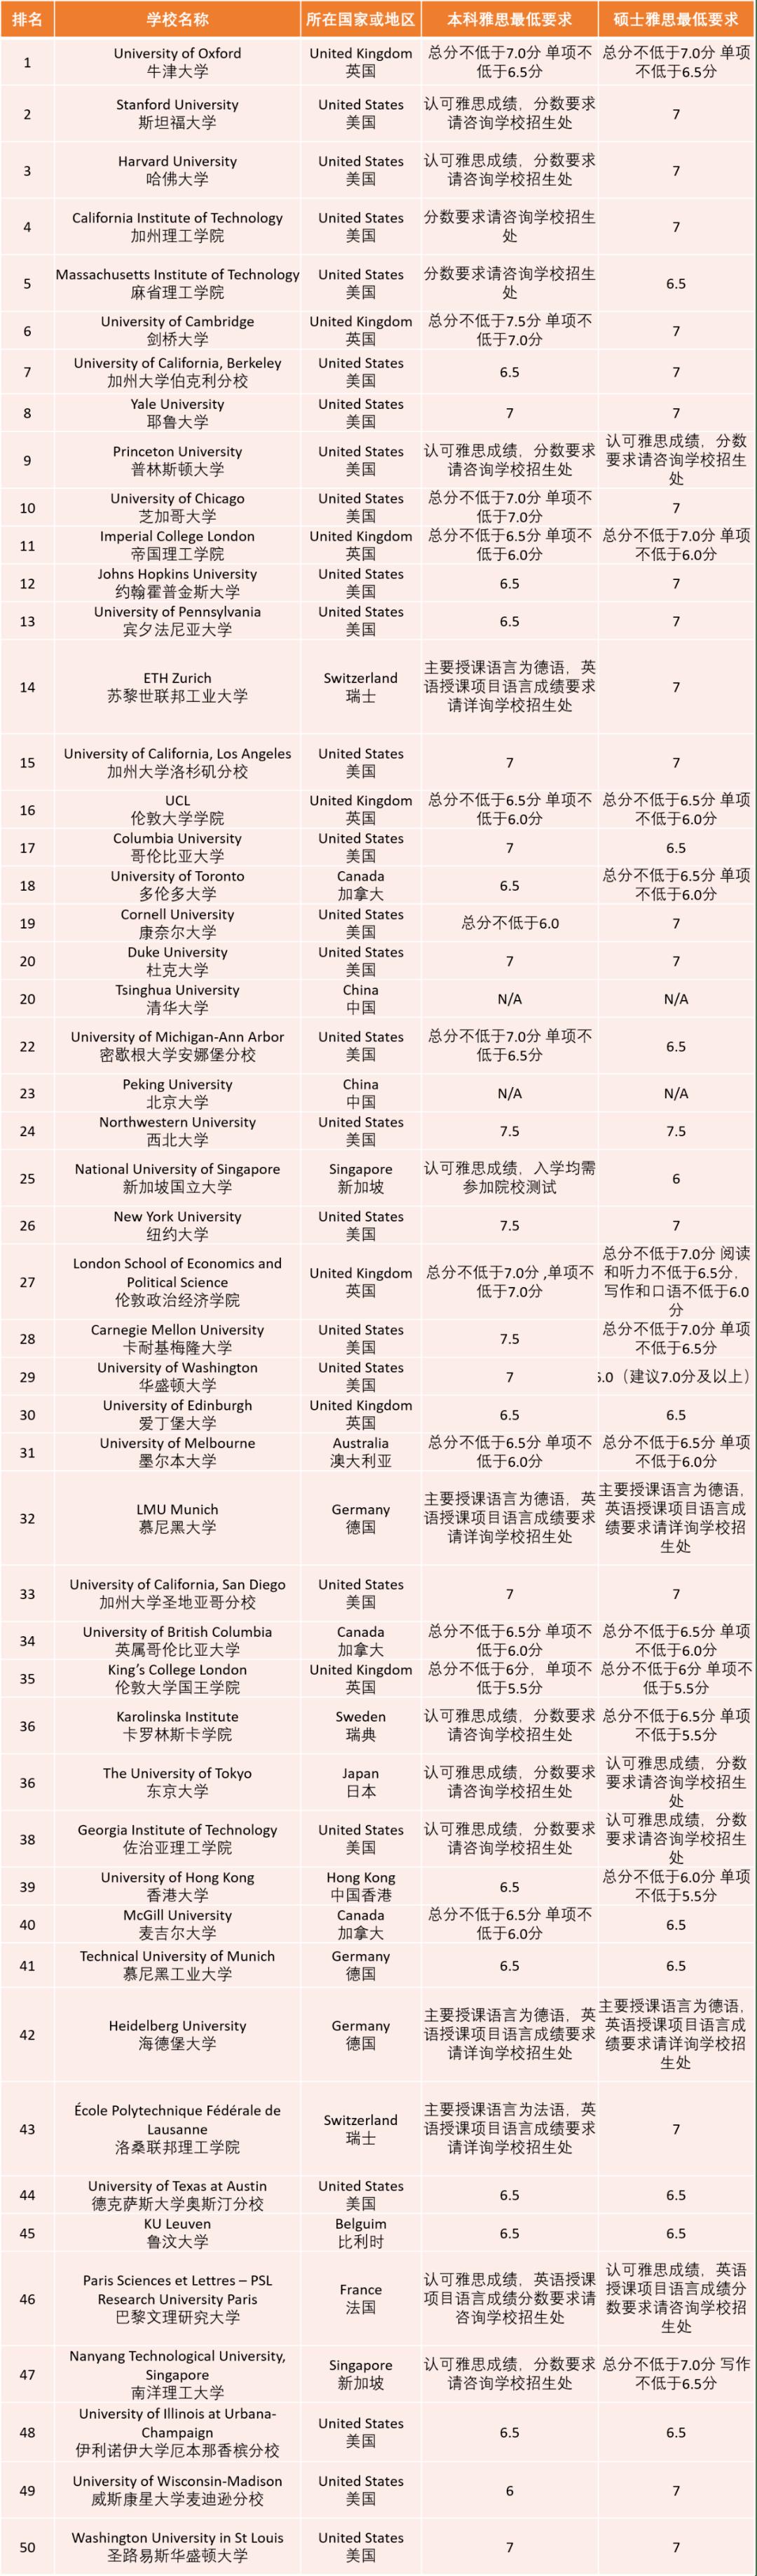 THE2021世界排名最新发布,雅思官方汇总TOP院校分数要求!